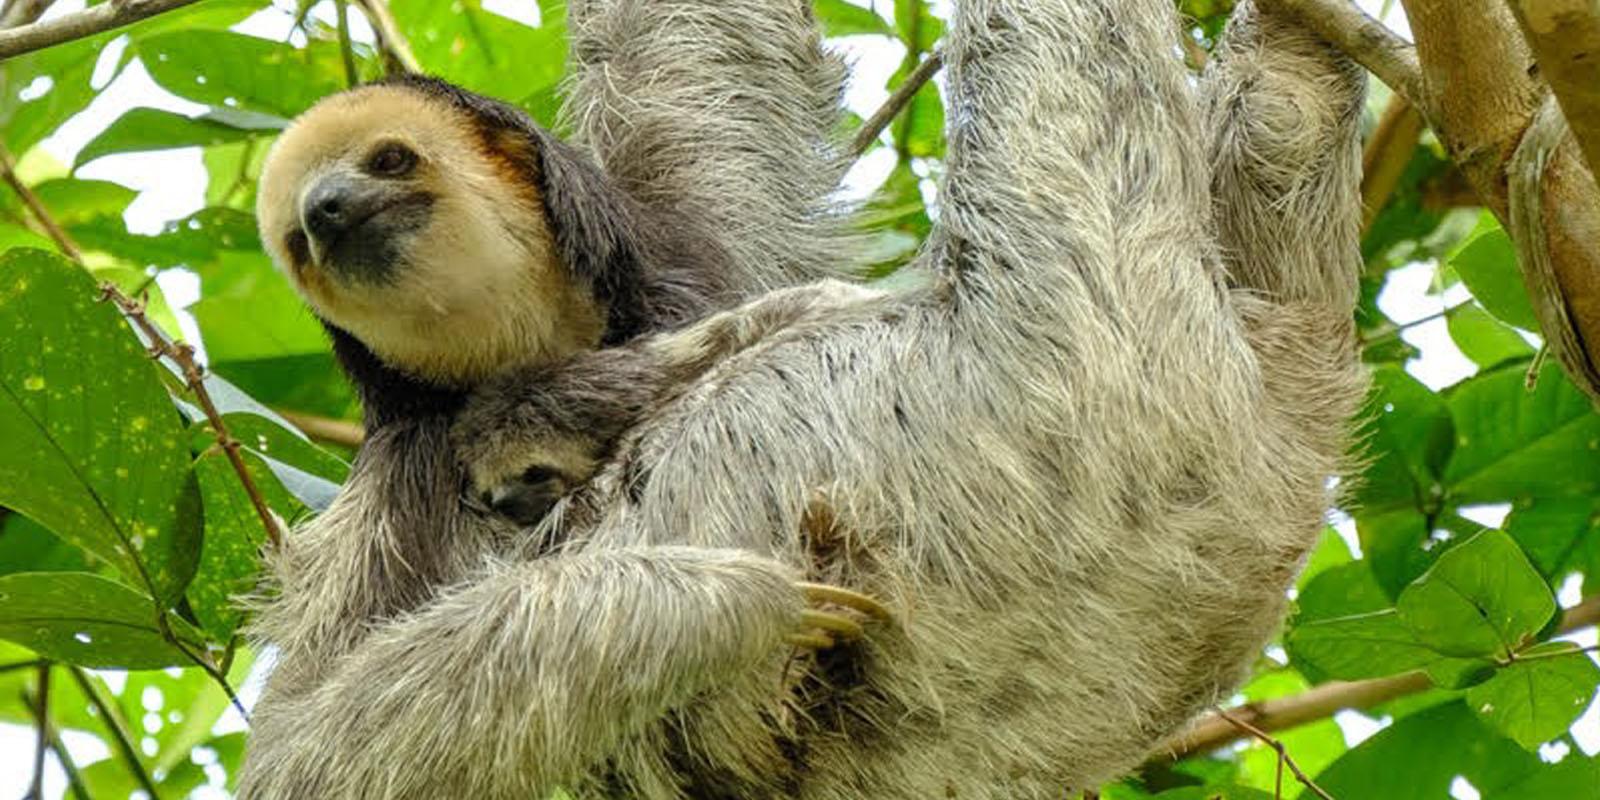 Faultier im Mutterglück: Das natürliche Paarungsverhalten wird unmittelbar nach der Auswilderung wieder ausgelebt.